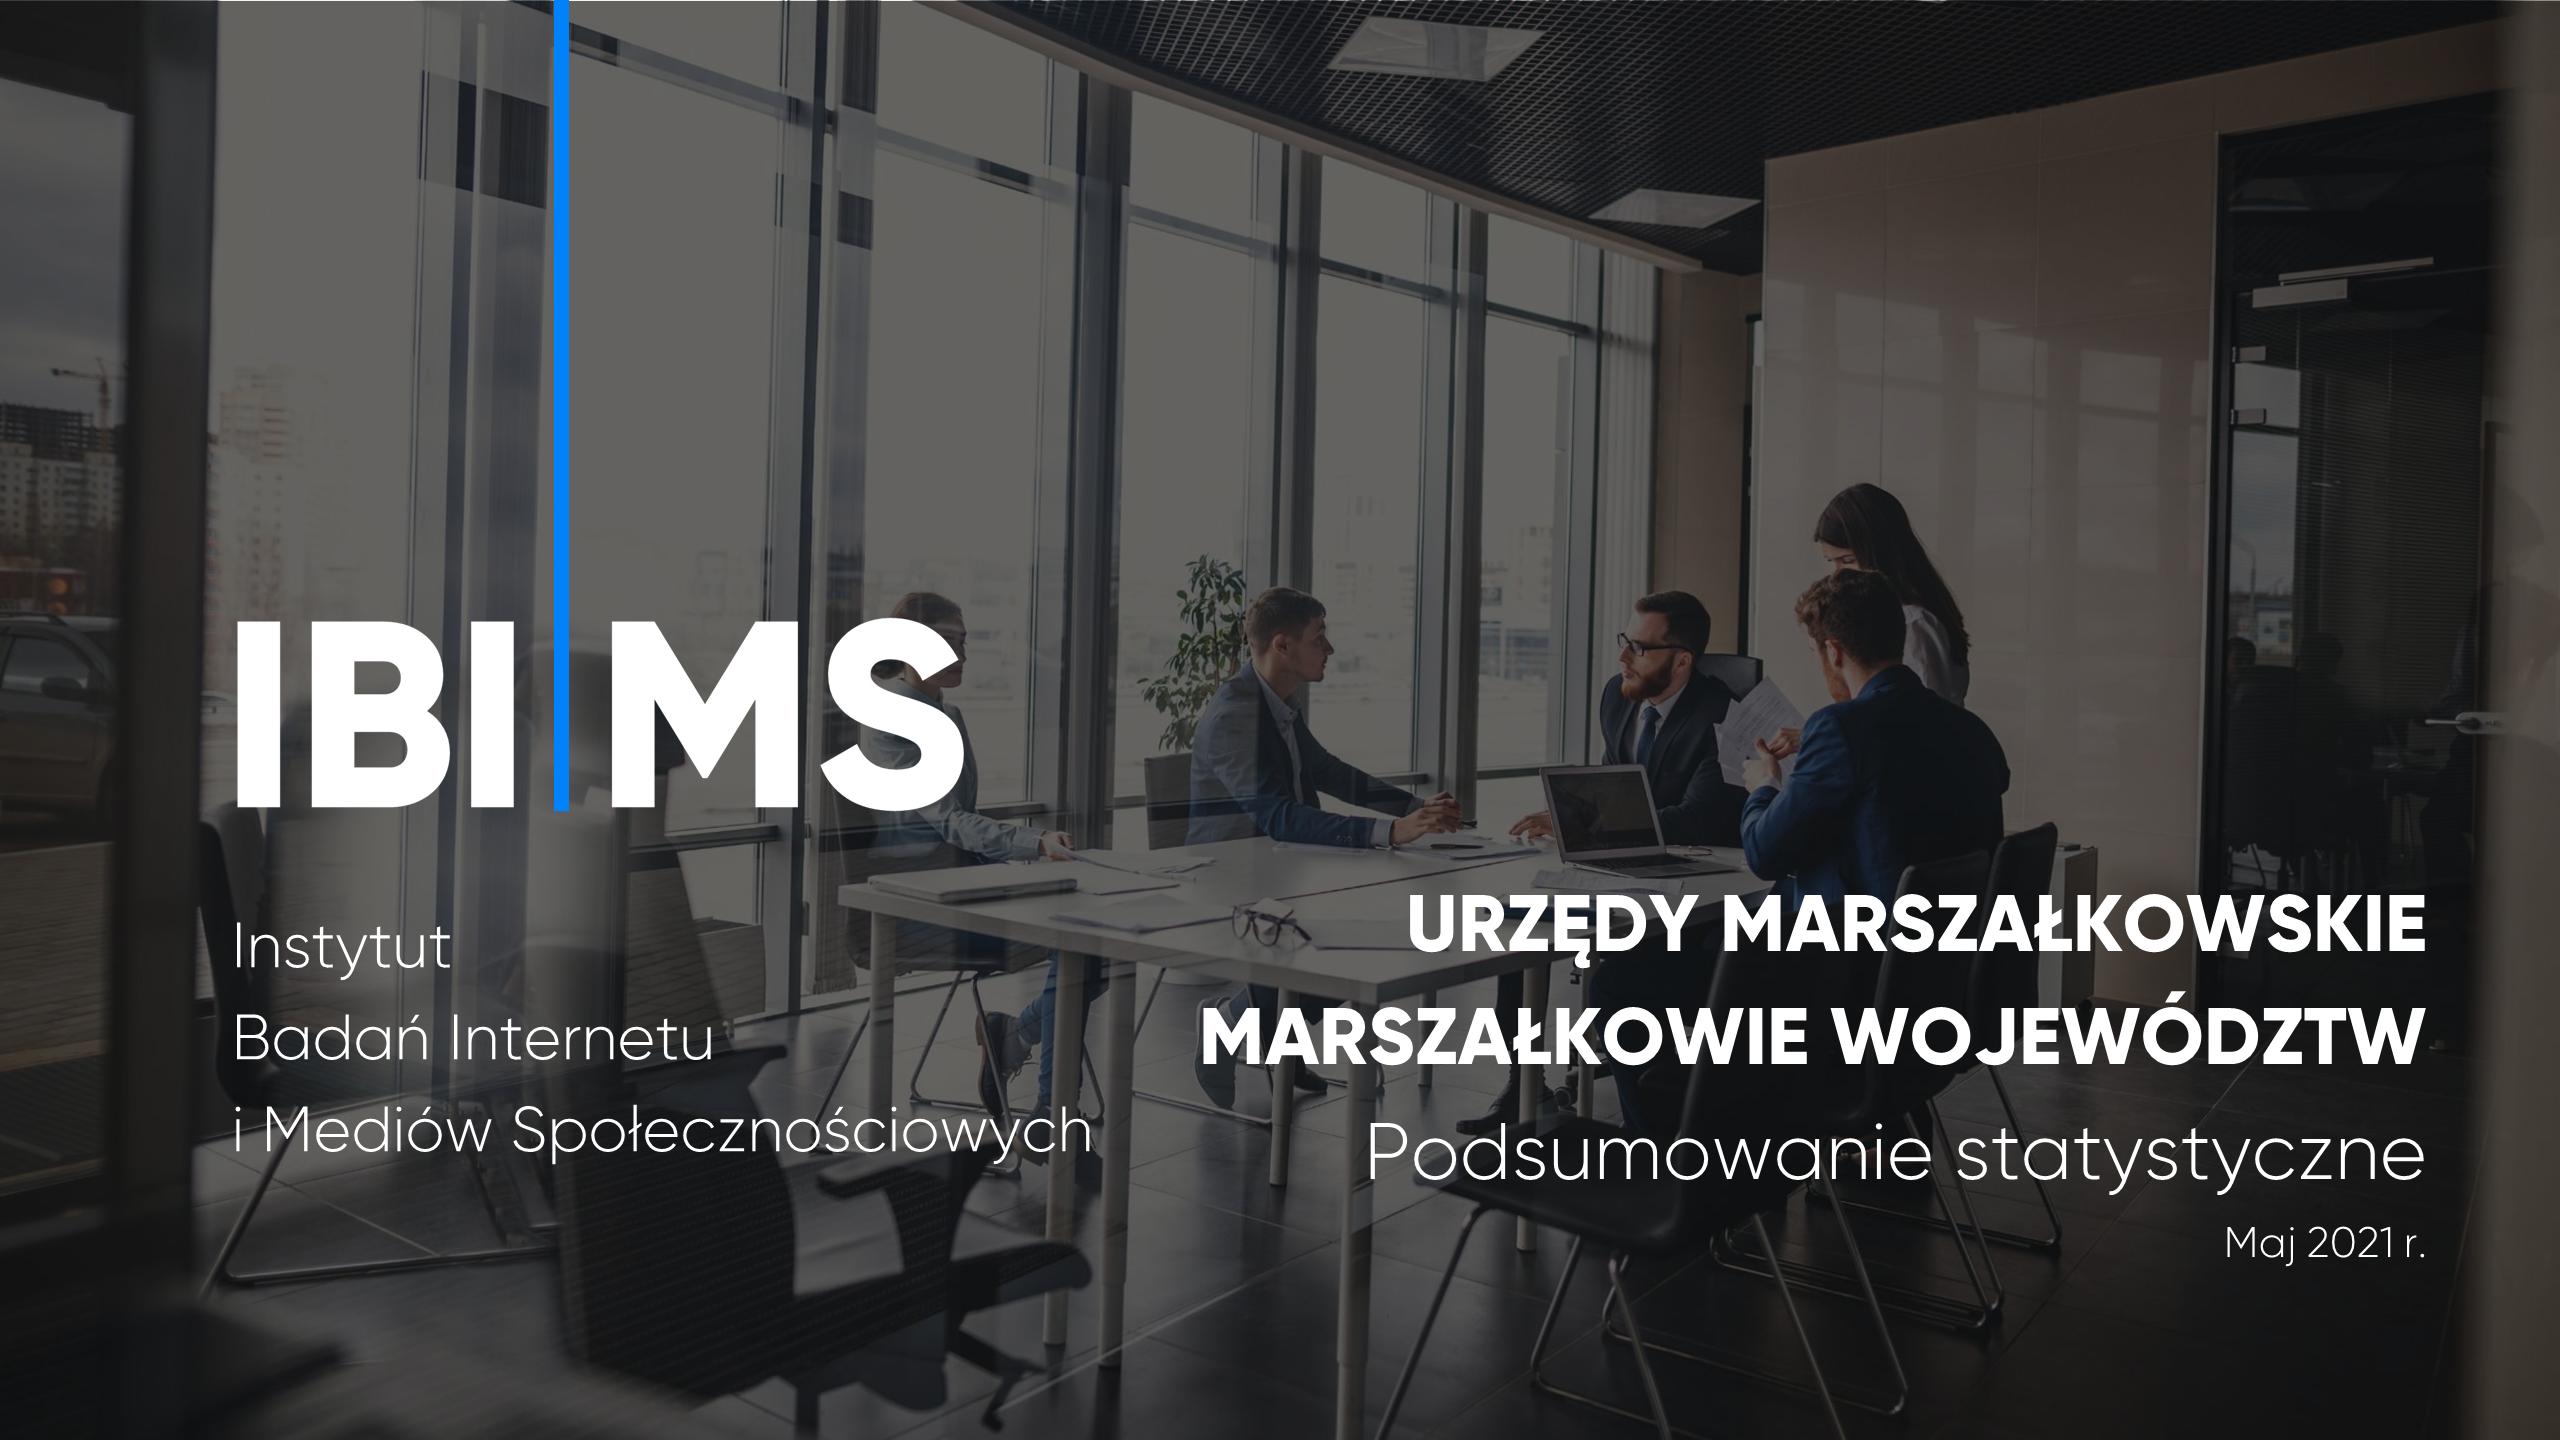 Marszałkowie i urzędy marszałkowskie na Facebooku – Raport IBIMS maj 2021